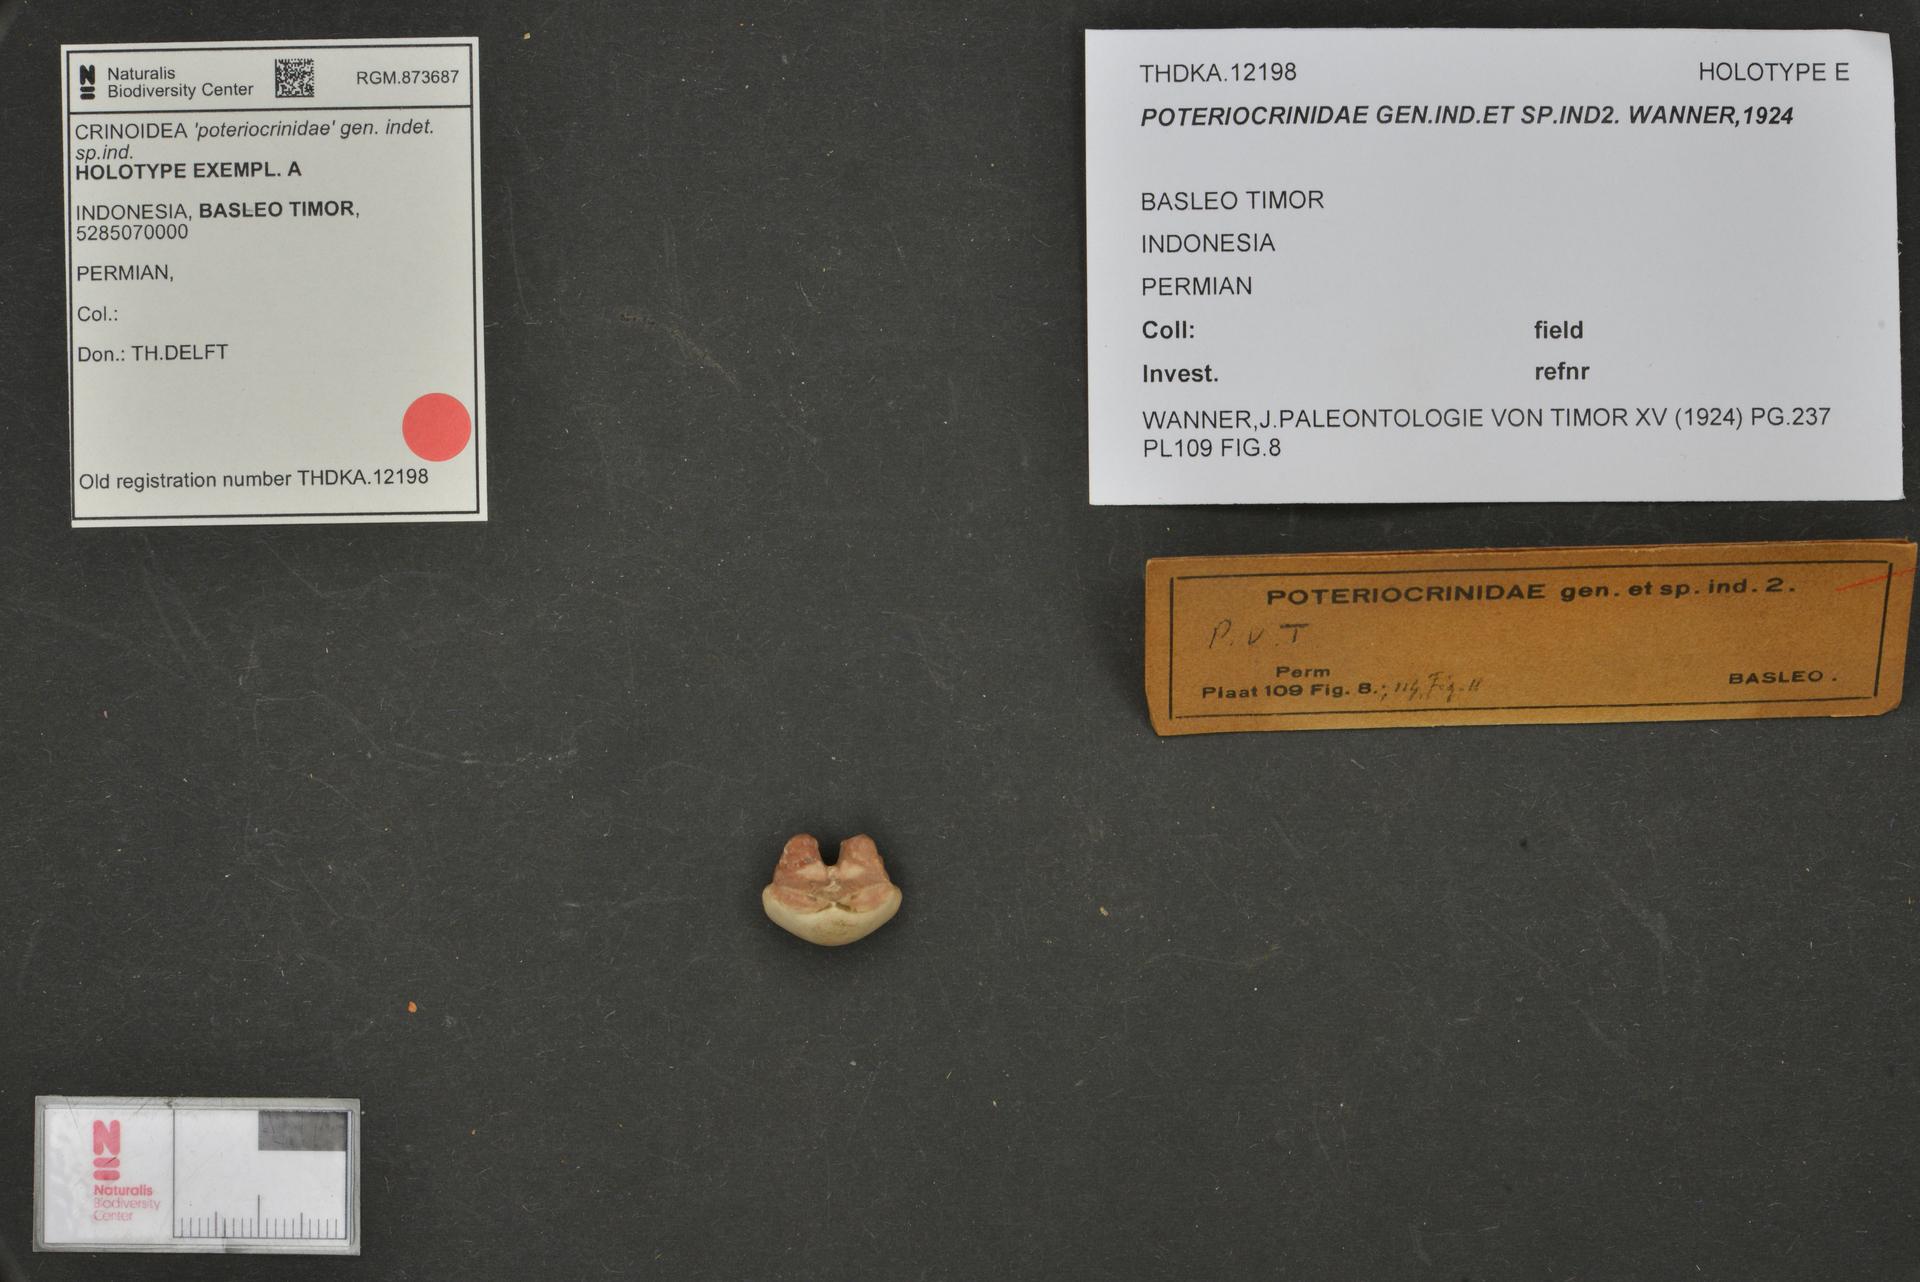 RGM.873687 | 'poteriocrinidae' gen. indet. sp.ind.